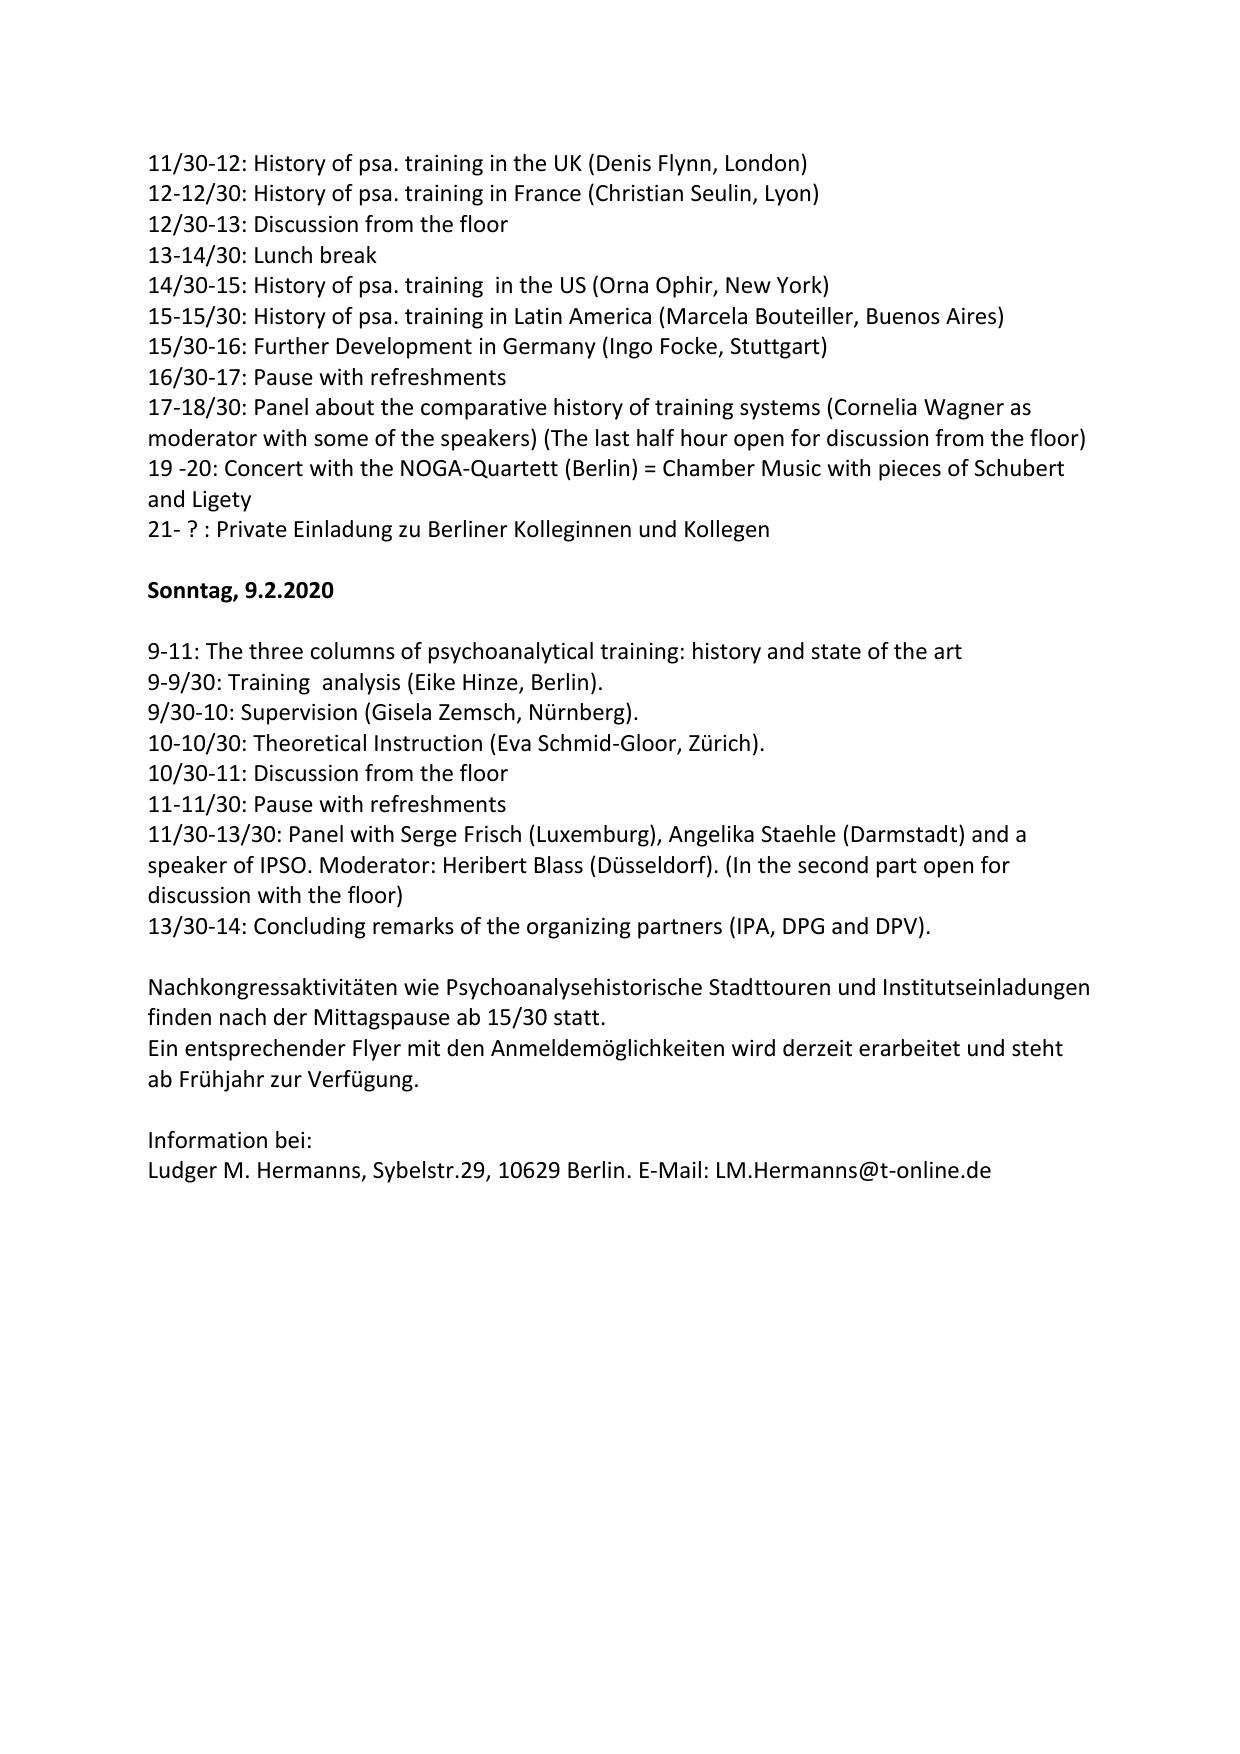 Einladung nach Berlin Programm 6 2 2019 Ludger H0002